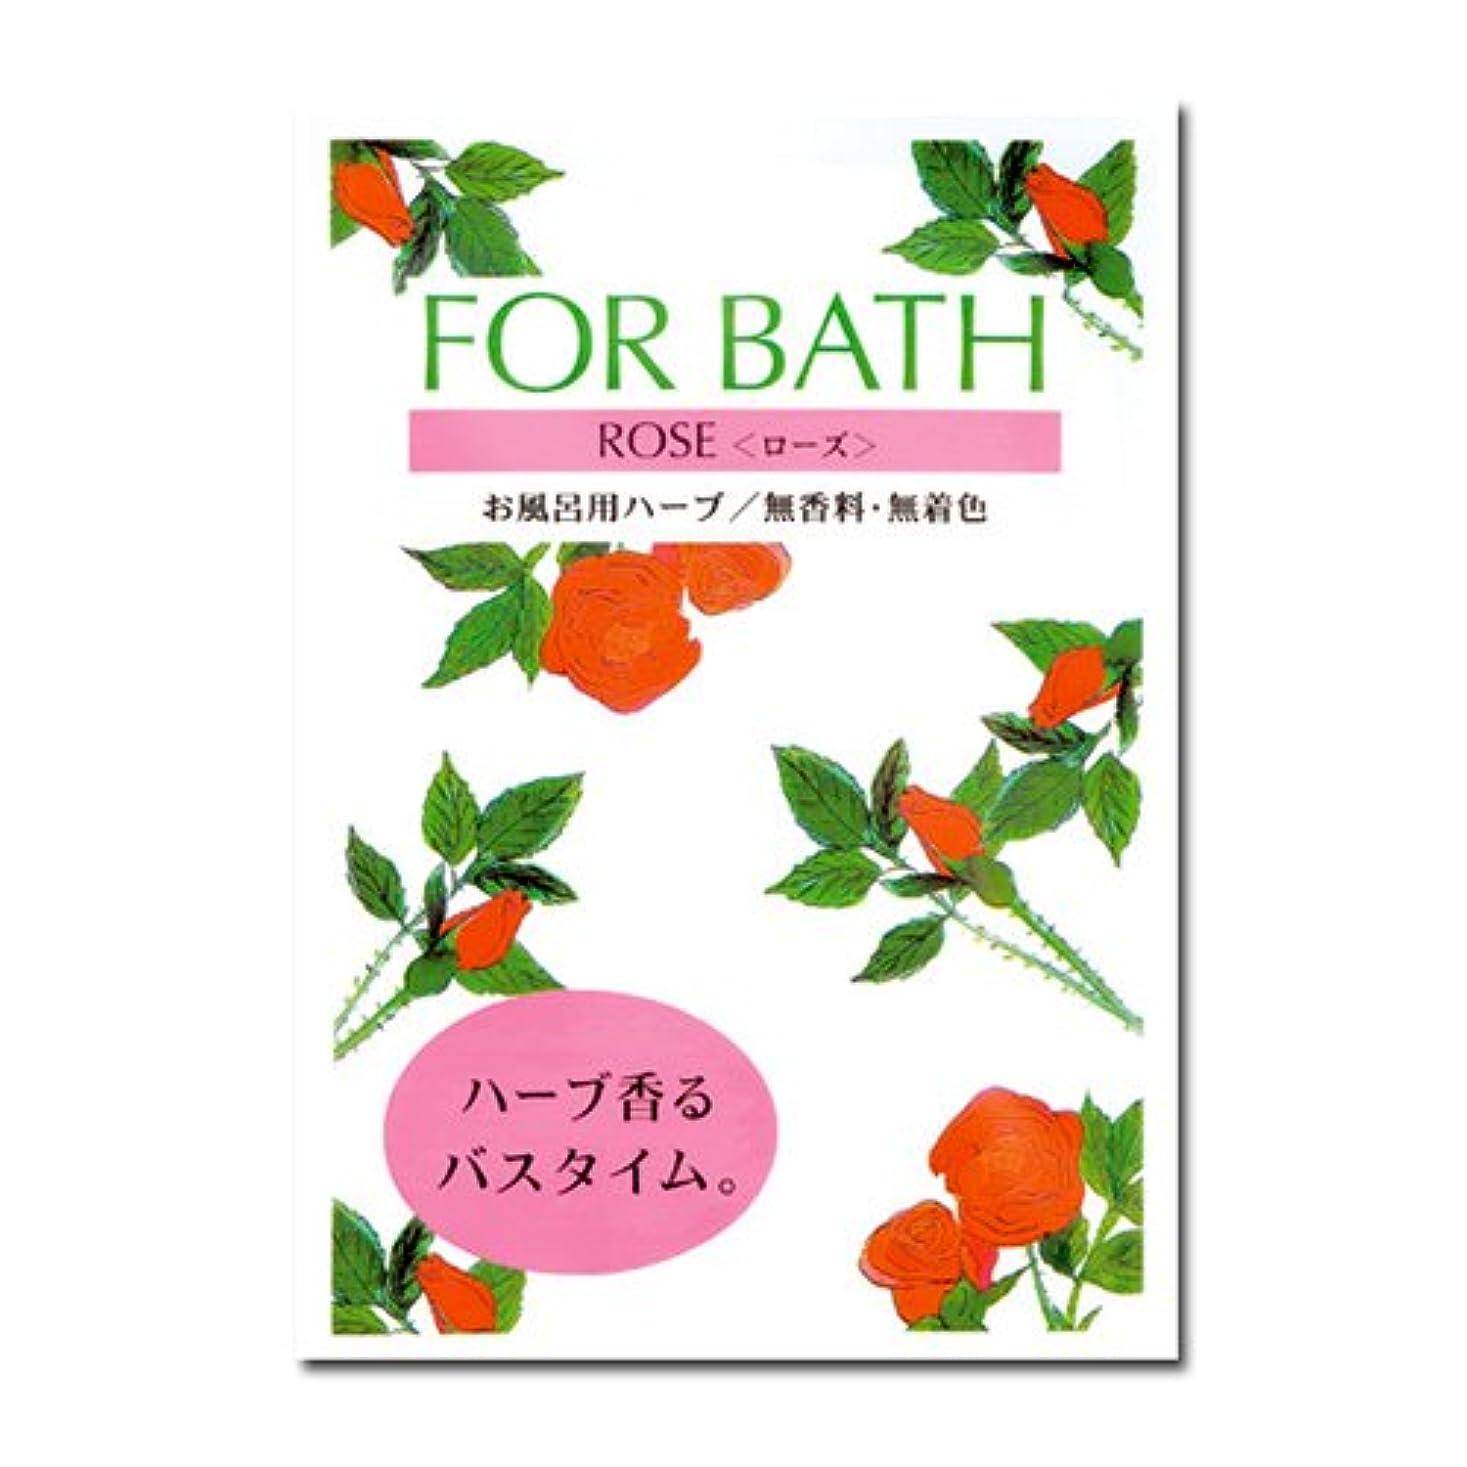 フォアバス ローズx30袋[フォアバス/入浴剤/ハーブ]